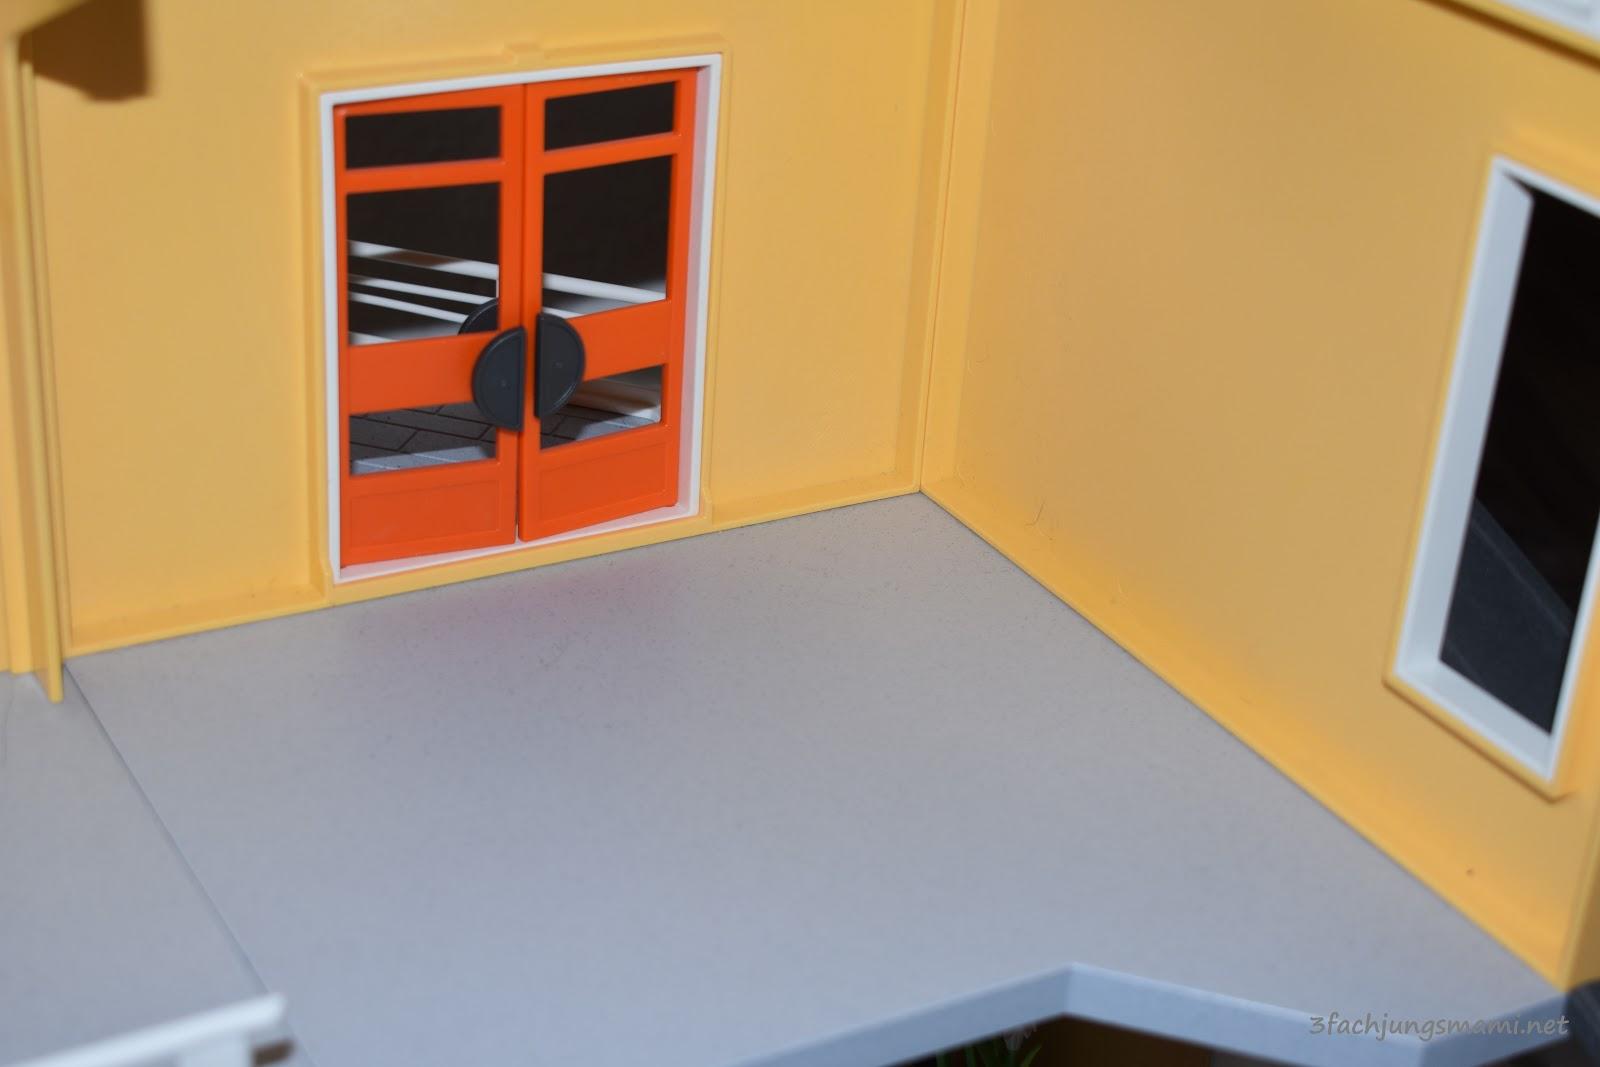 Diy Badezimmer | Diy Wir Basteln Ein Playmobil Badezimmer 3 Fach Jungsmami